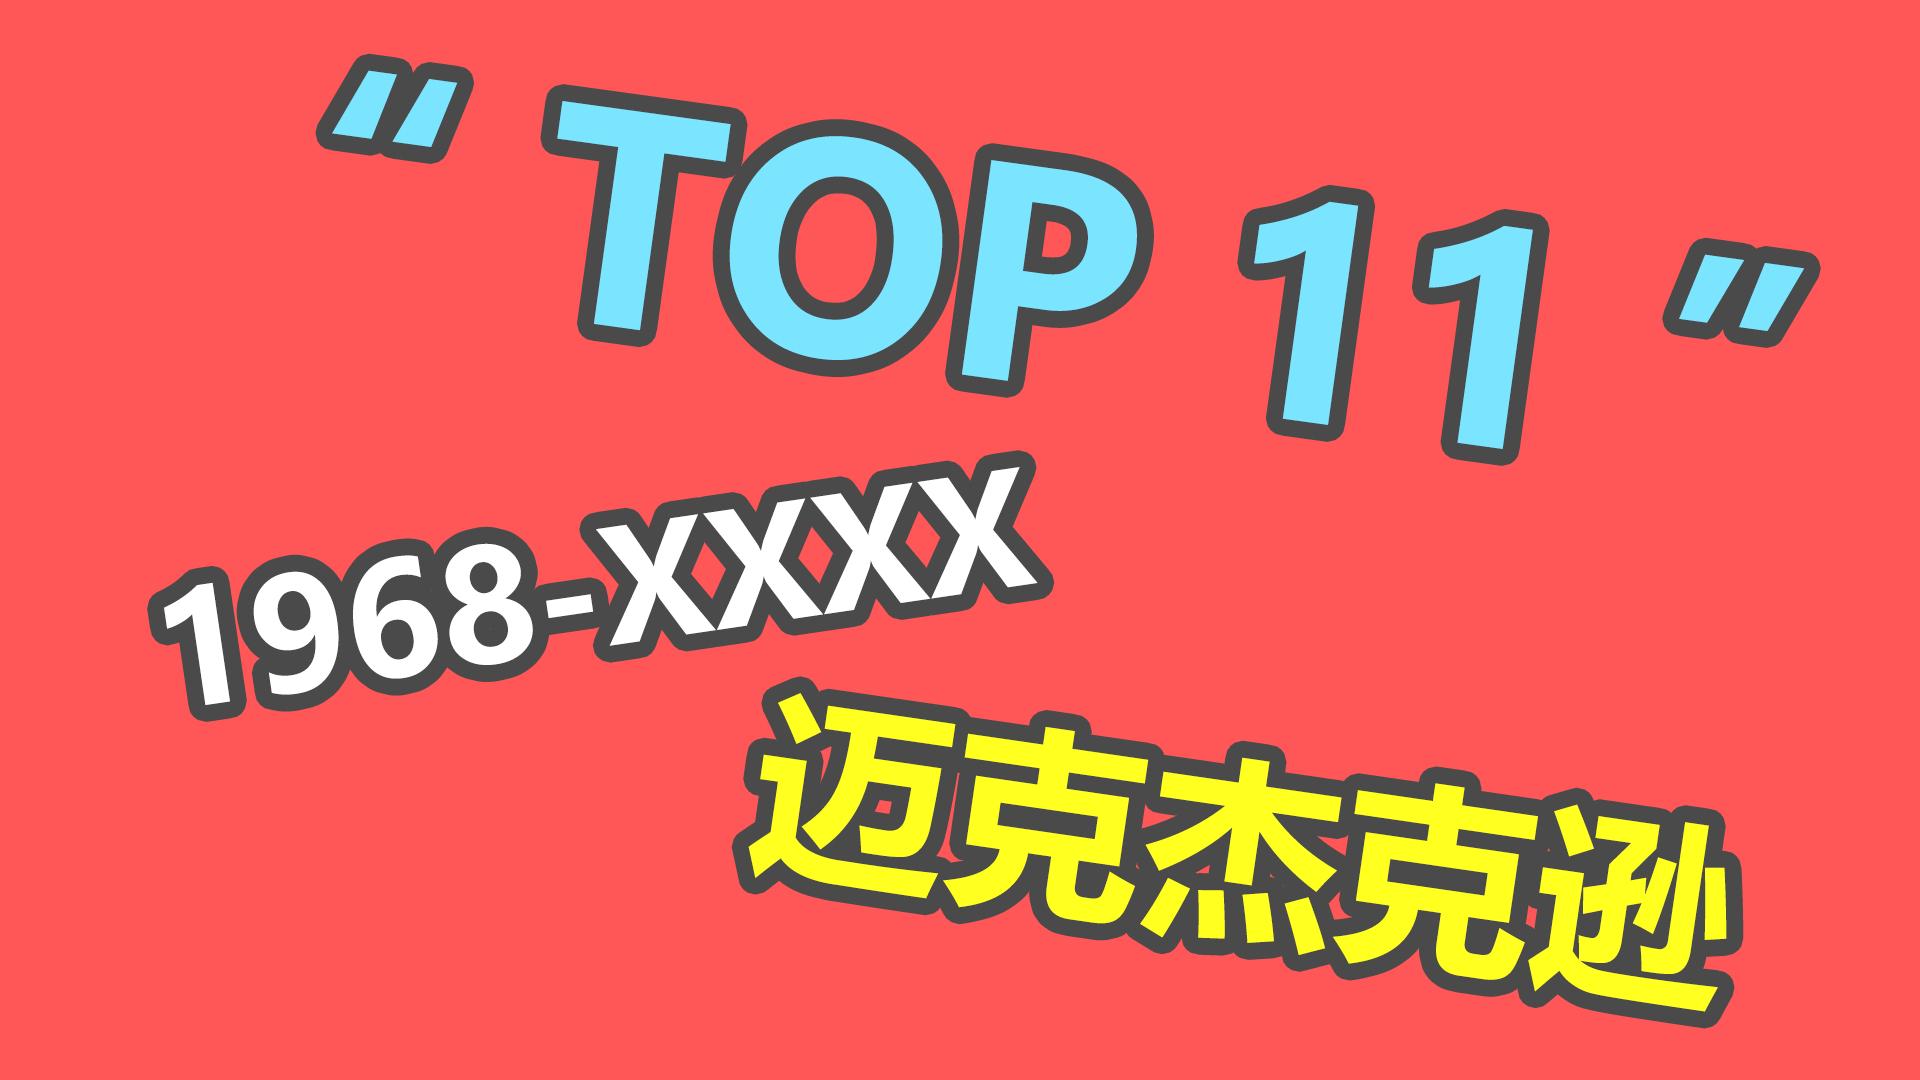 """【耳机向】""""迈克尔杰克逊""""1968-XXXX(精选专辑)"""